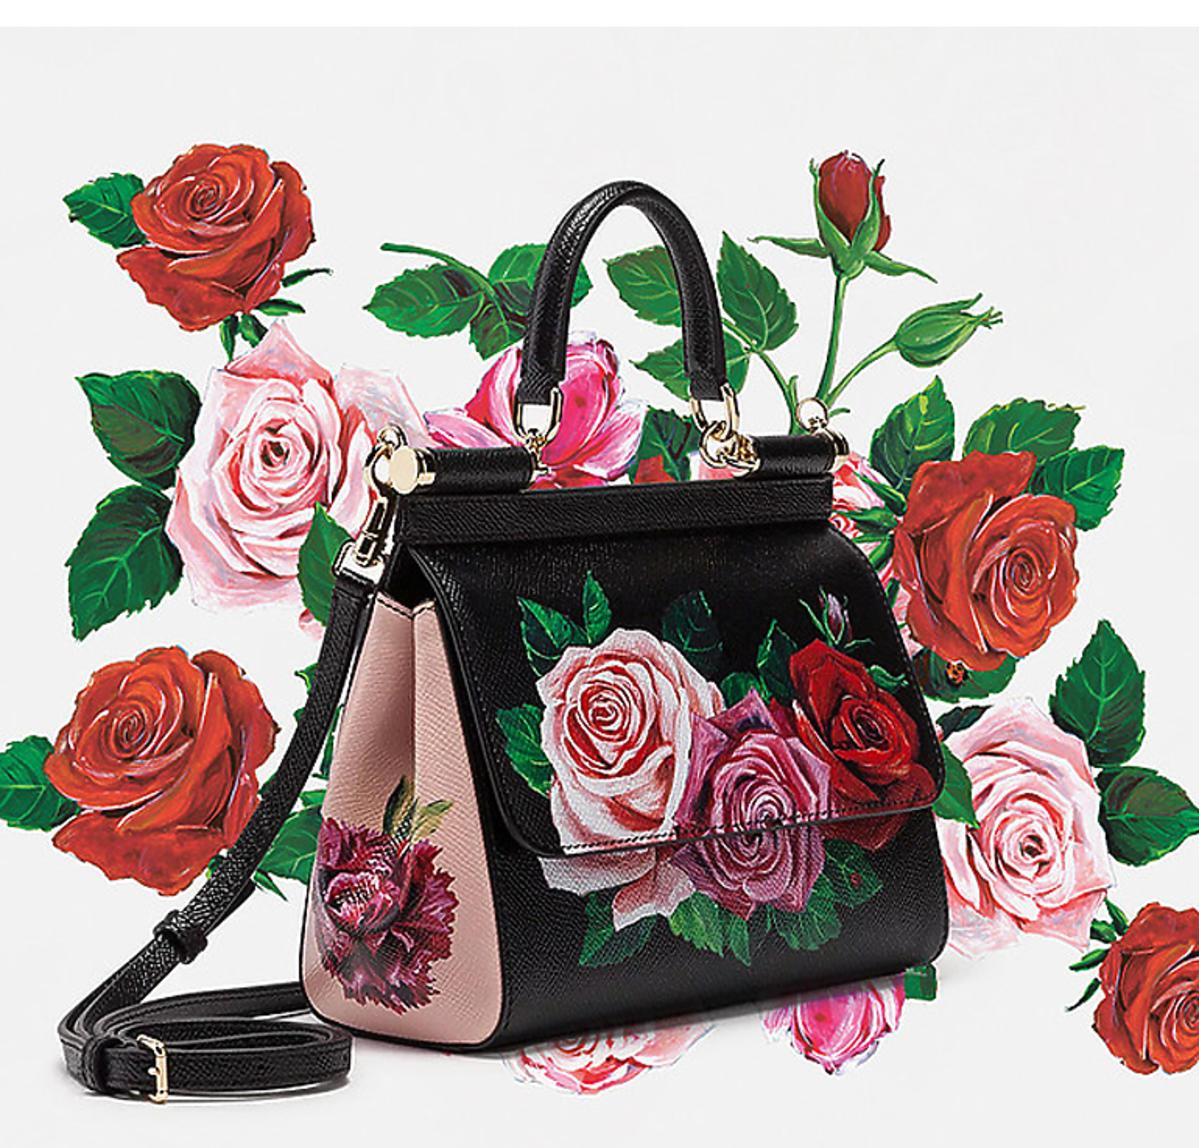 torebka nowa kolekcja Dolce&Gabbana wiosna lato 2019 Flovermix